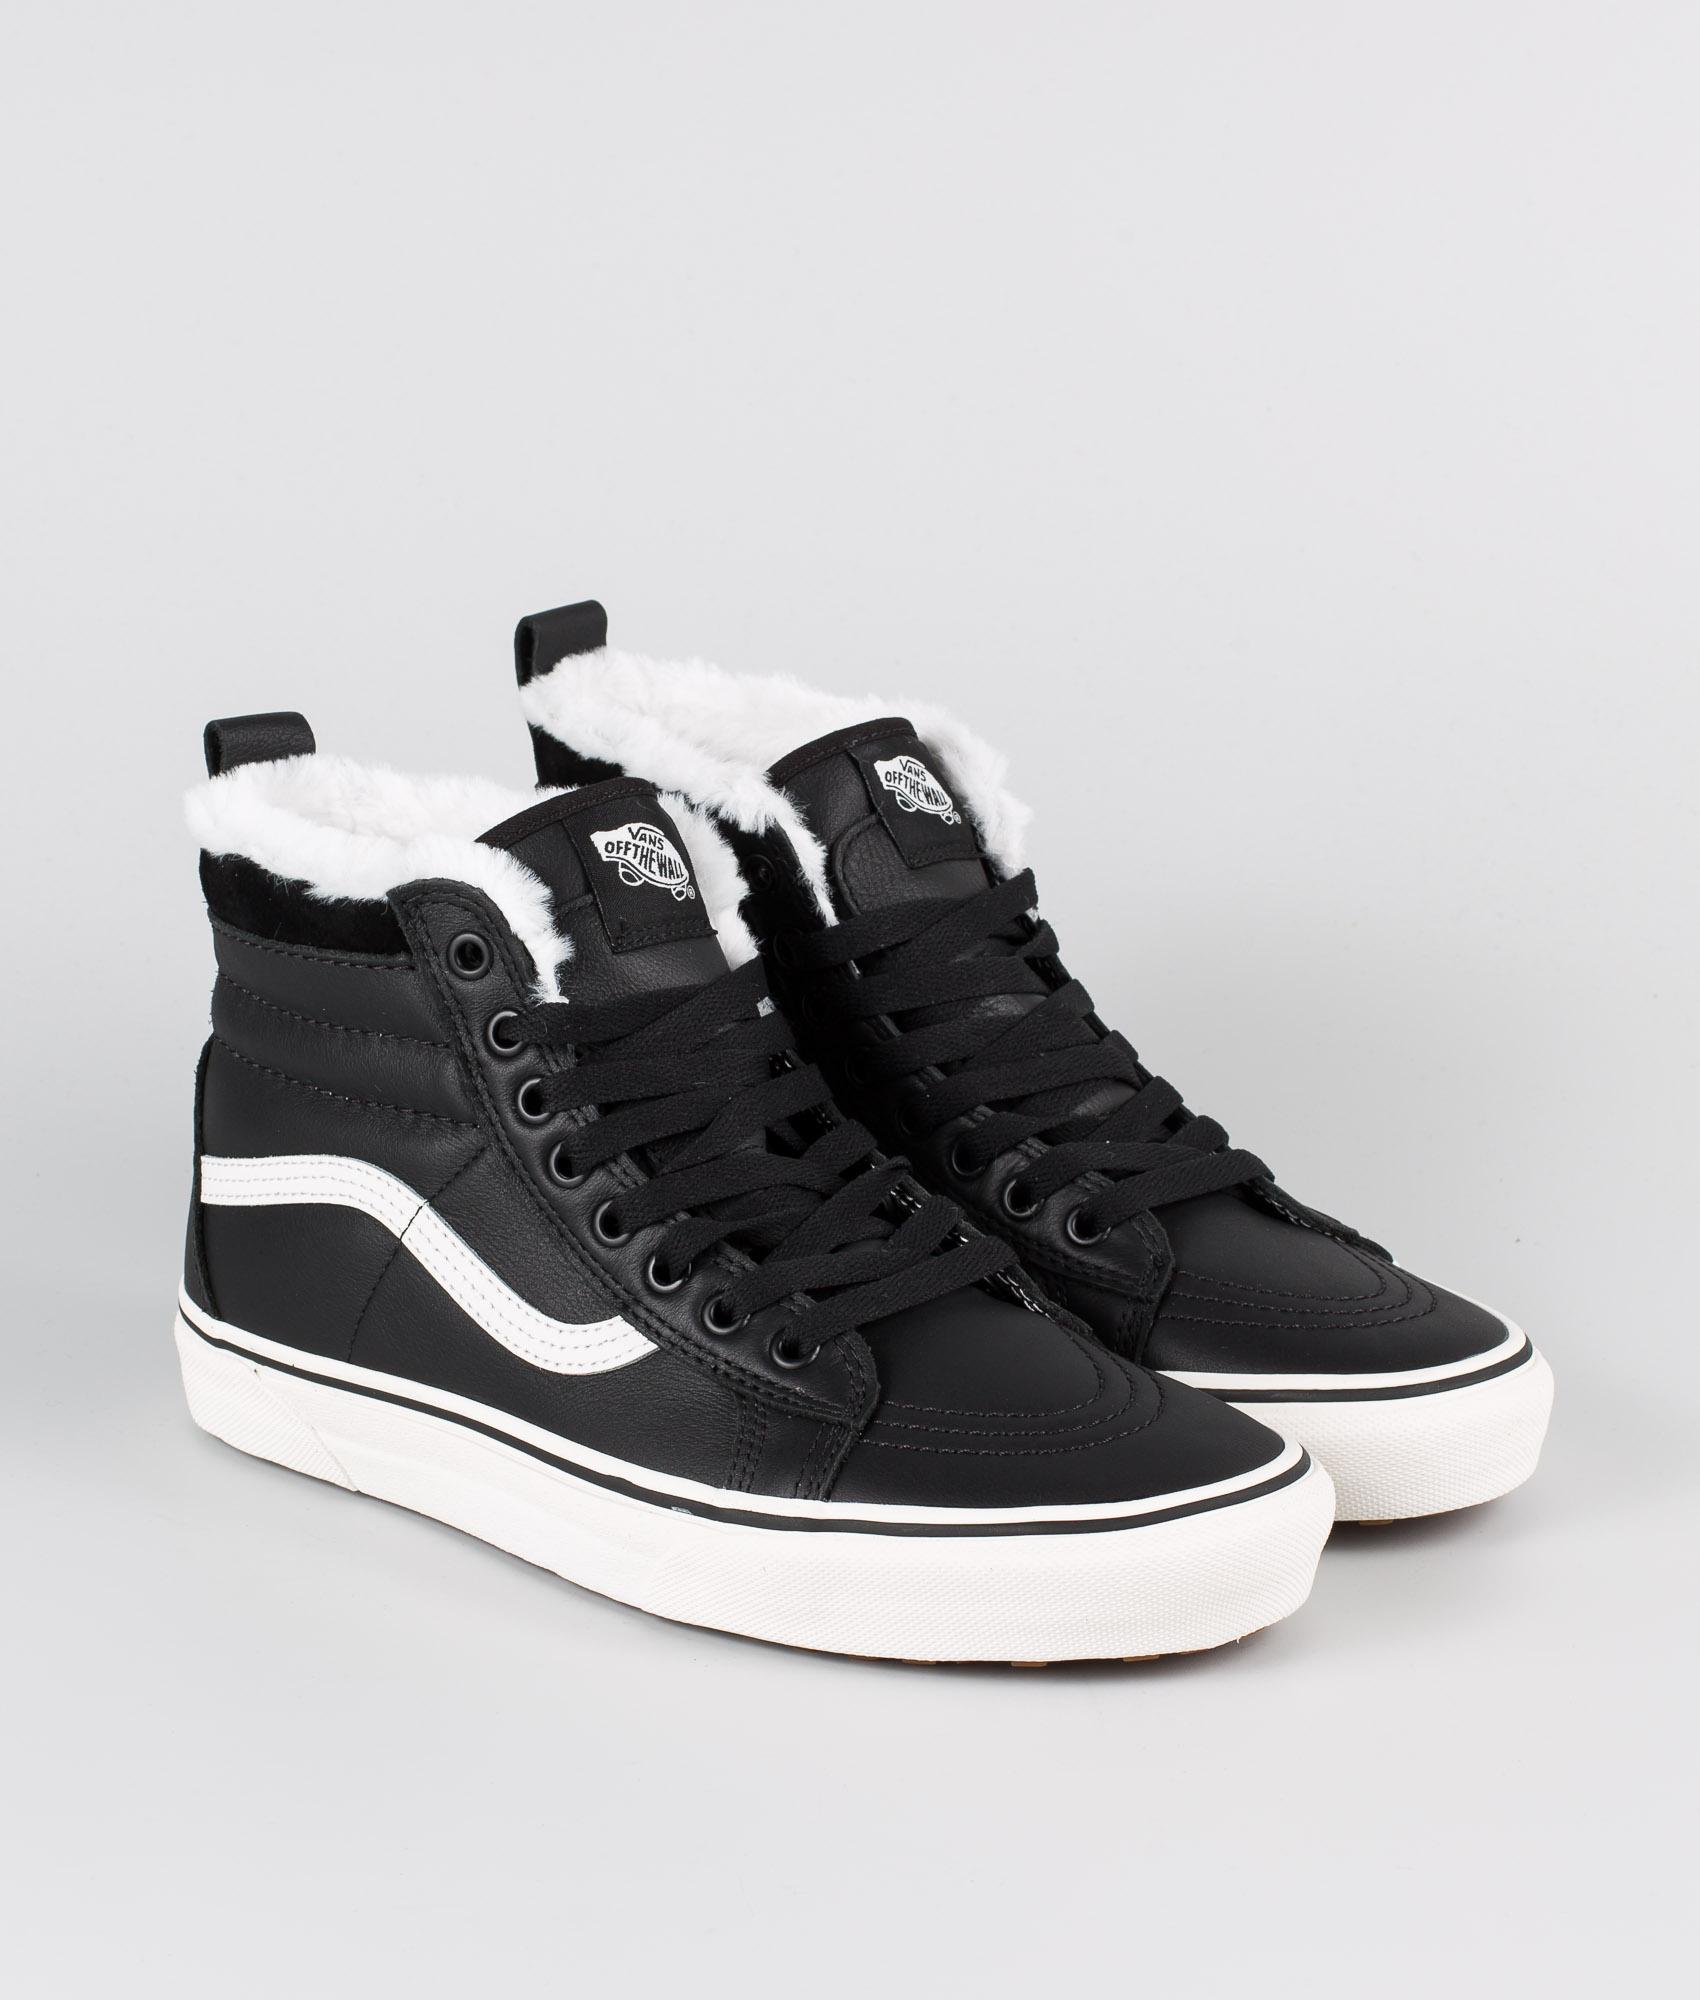 Vans Sk8-Hi MTE Shoes (MTE) Leather